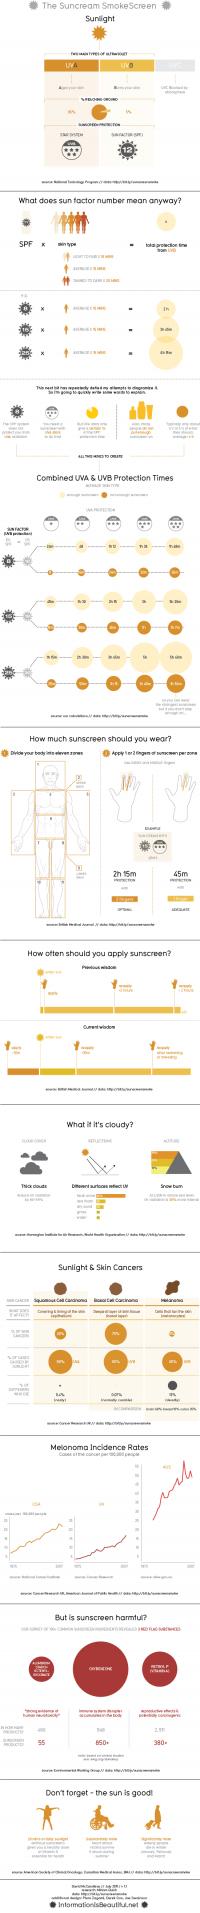 The Sunscreen Smokescreen